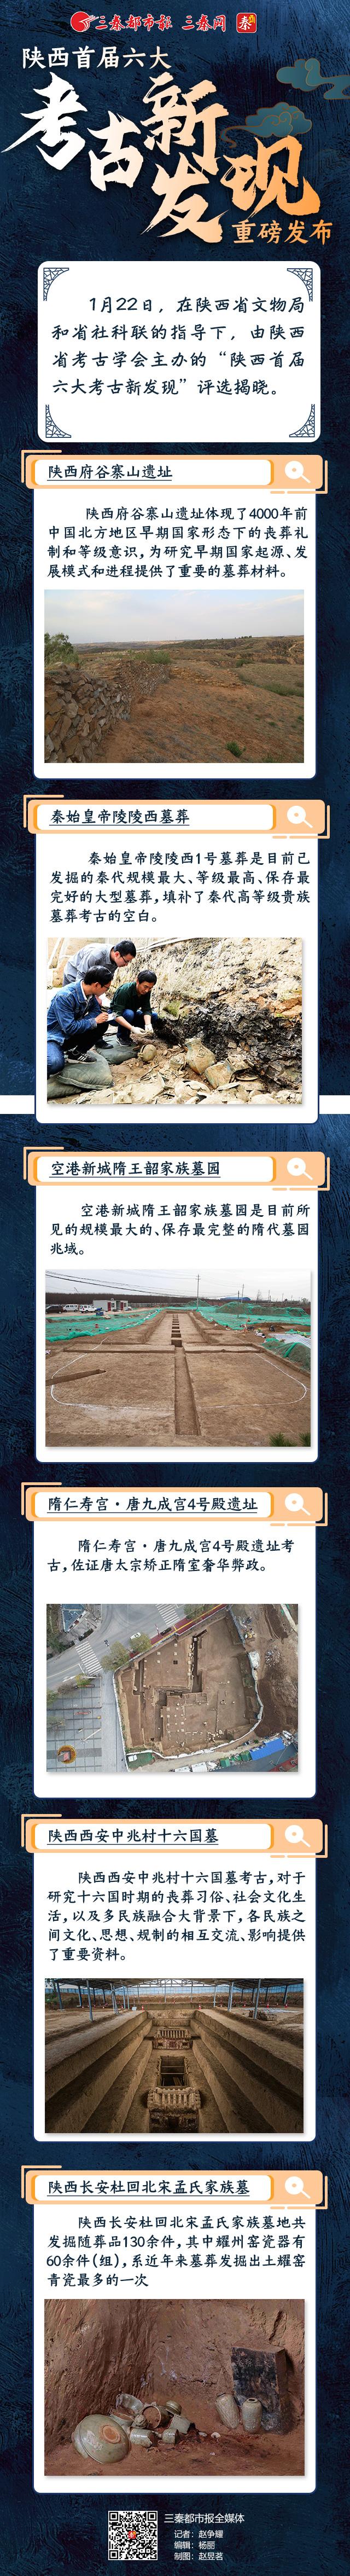 陕西首届六大考古新发现重磅发布